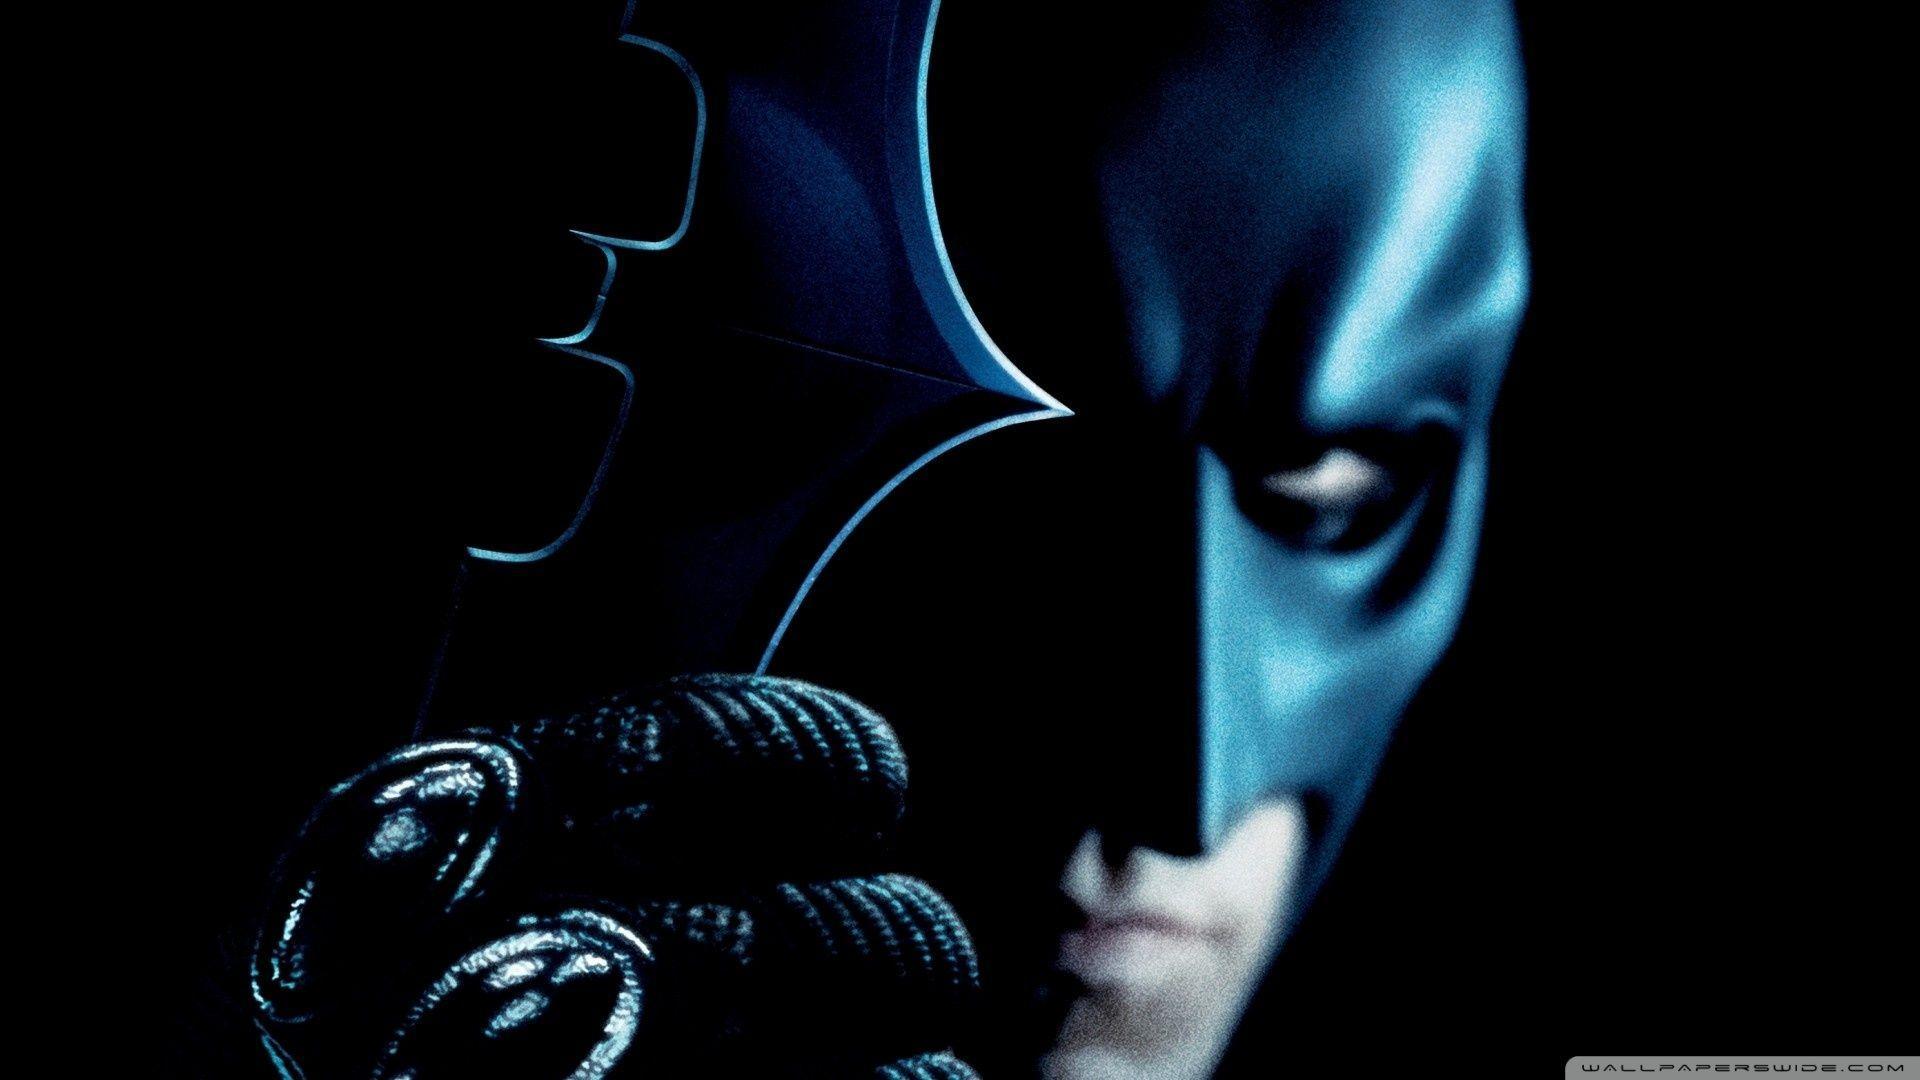 23+ The Dark Knight 4K Ultra Hd JPG